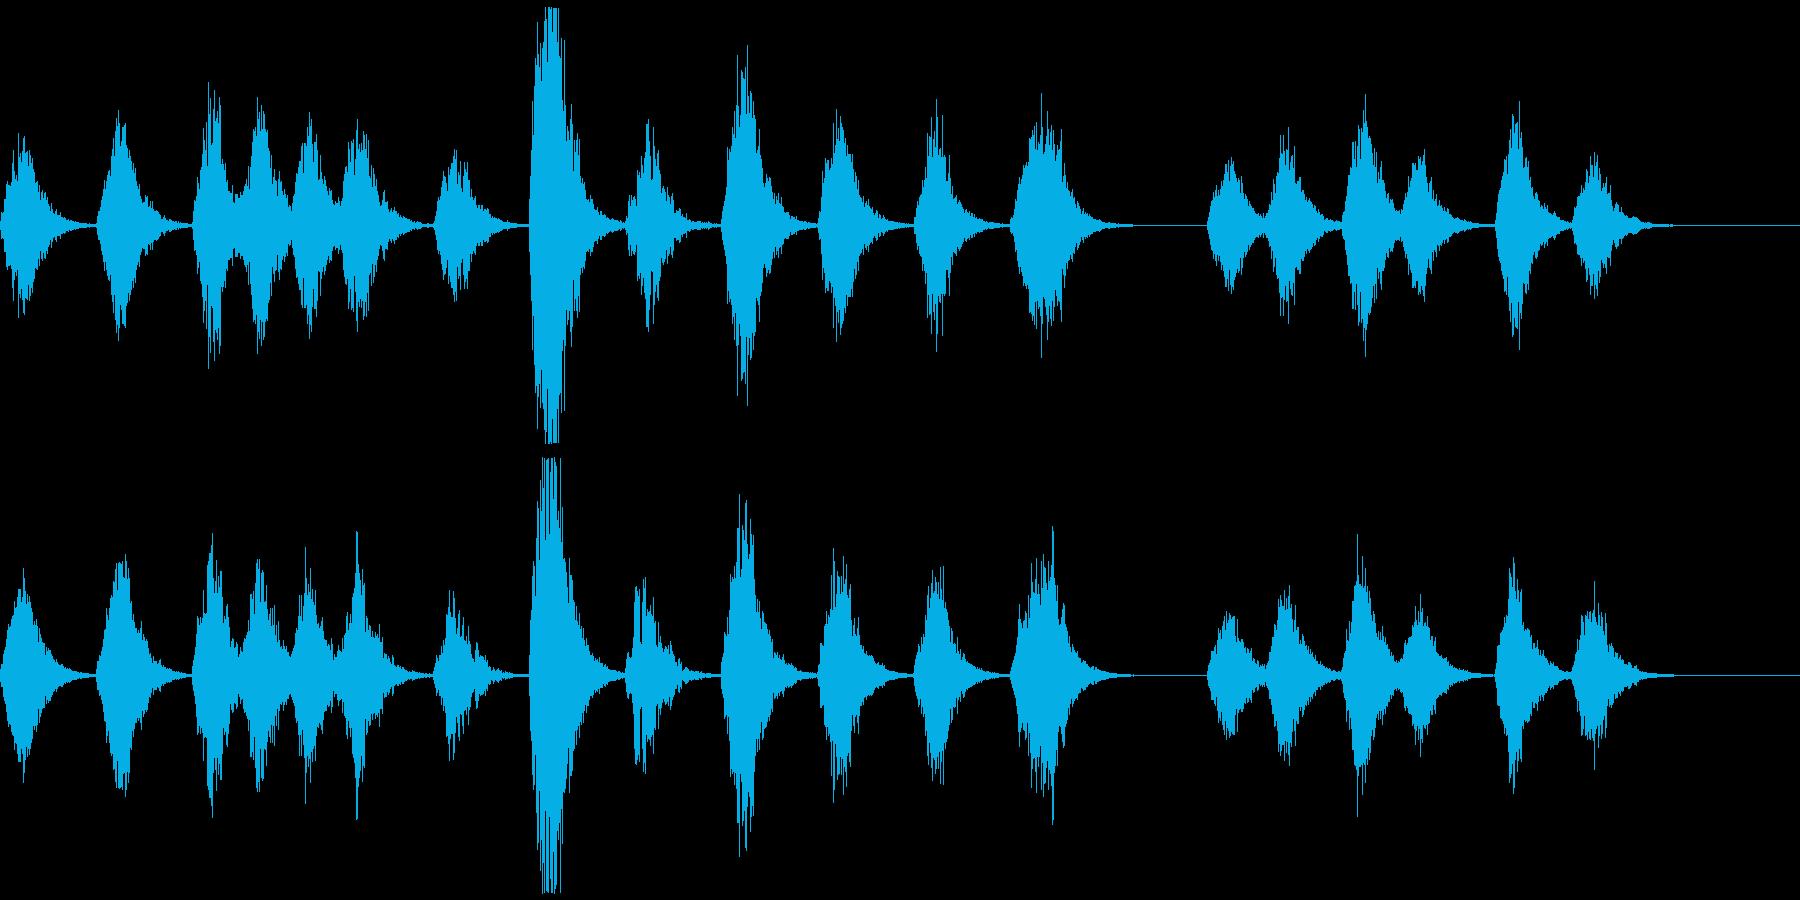 宇宙深海っぽいアンビエント ソナー音なしの再生済みの波形